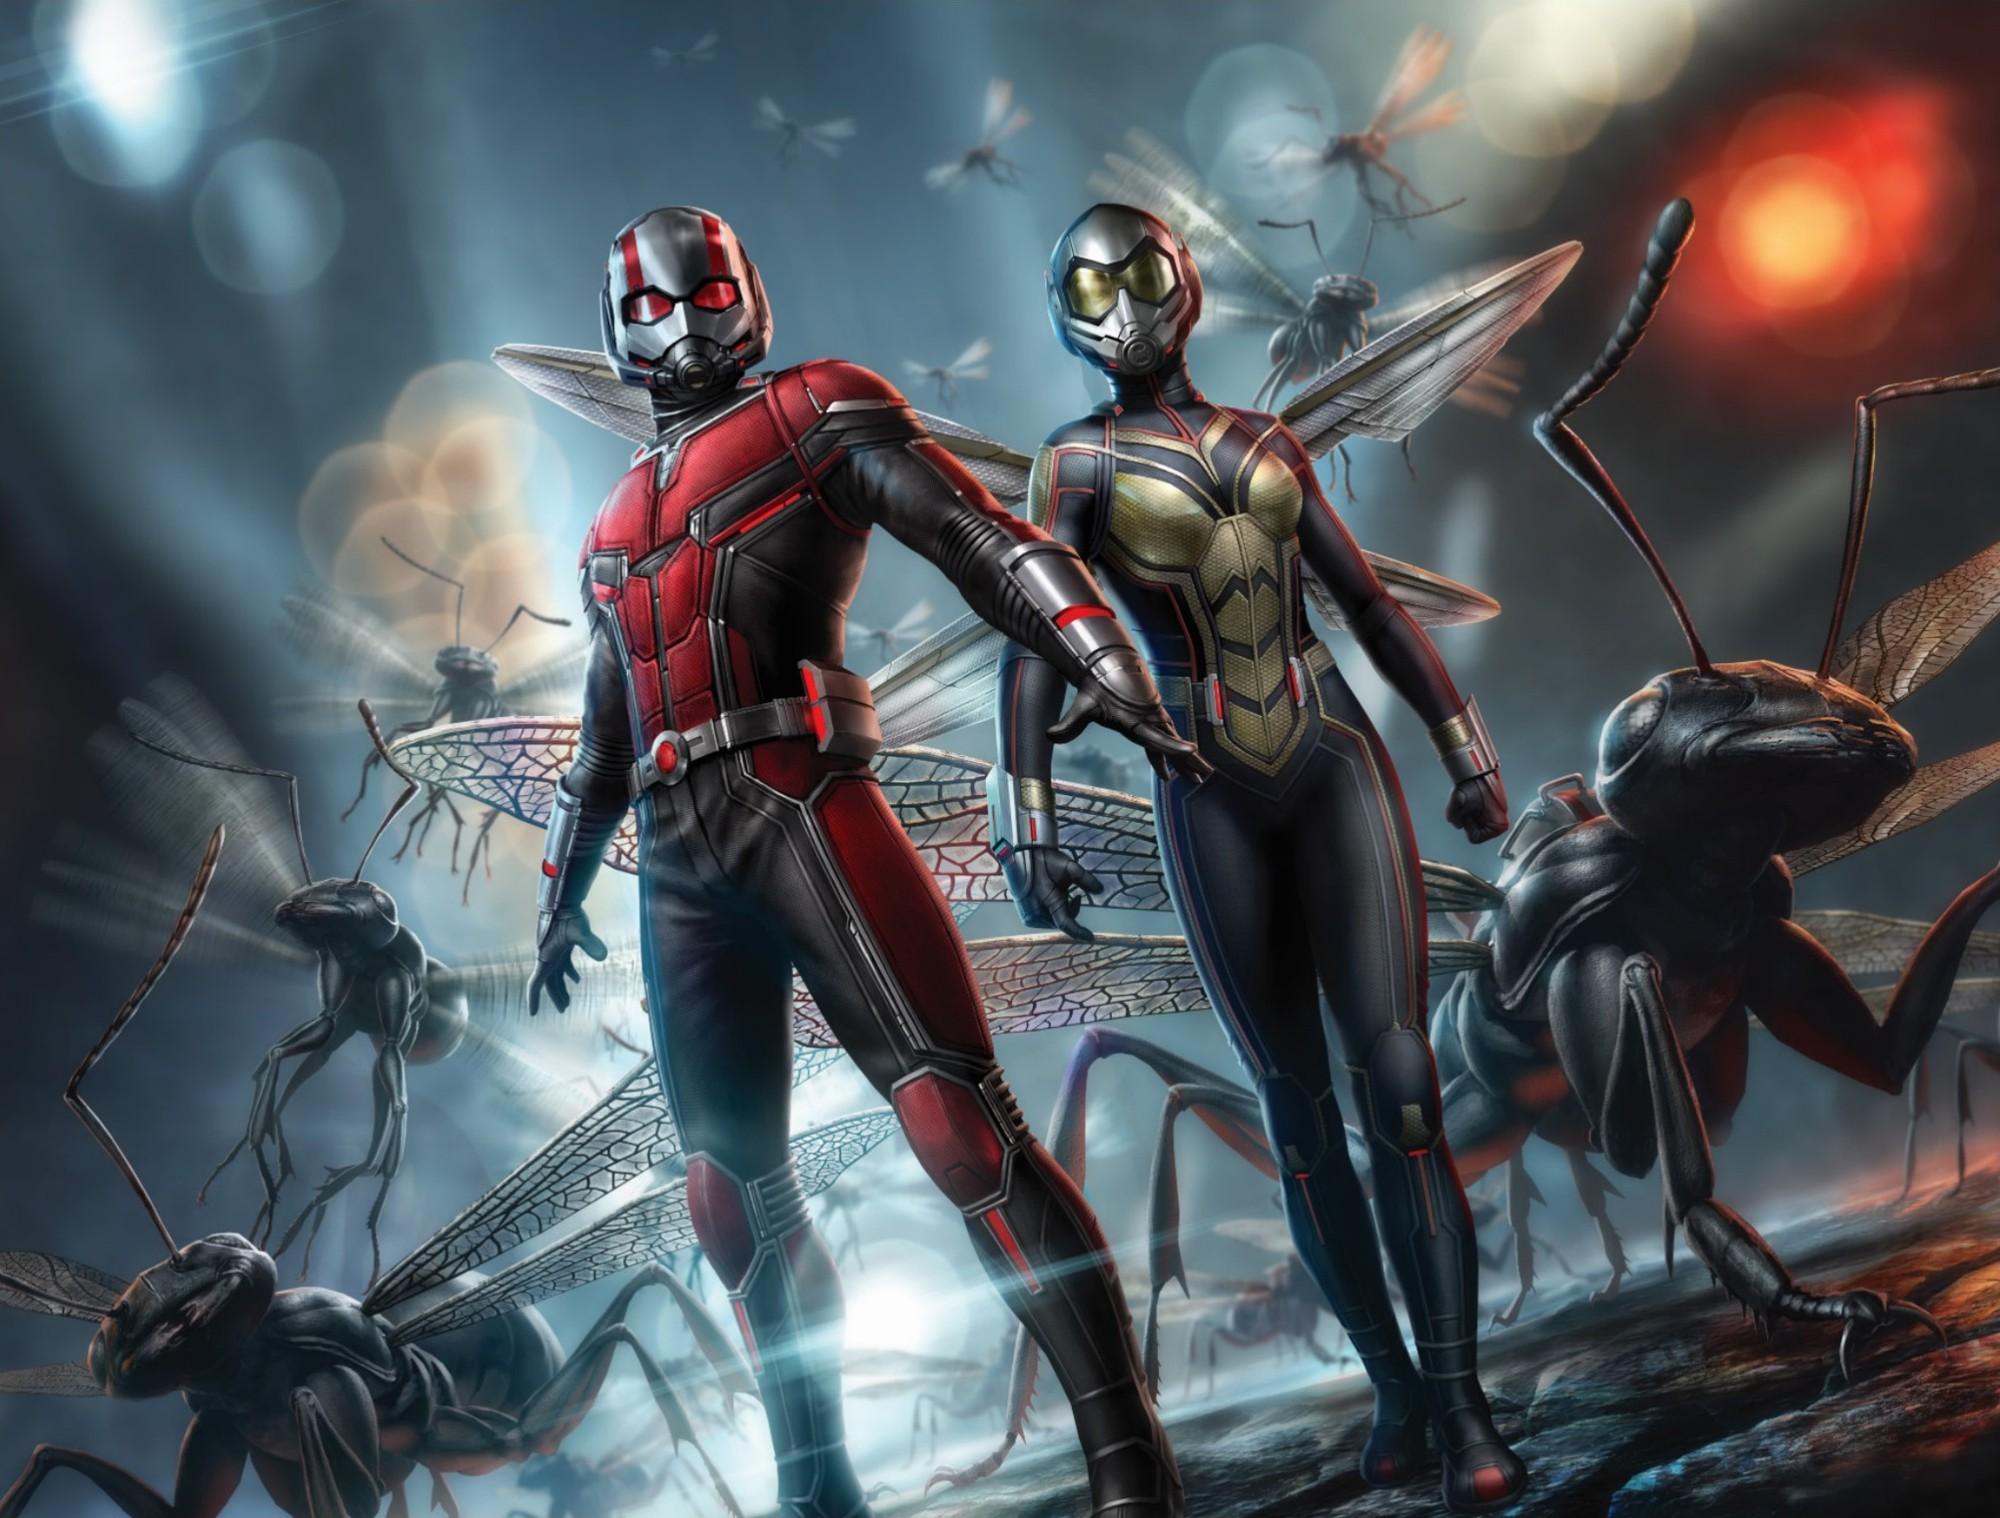 """""""Ant-Man and the Wasp"""": Khi mỹ nhân ra tay cứu anh hùng trong cuộc chiến vắng bóng kẻ ác - Ảnh 1."""